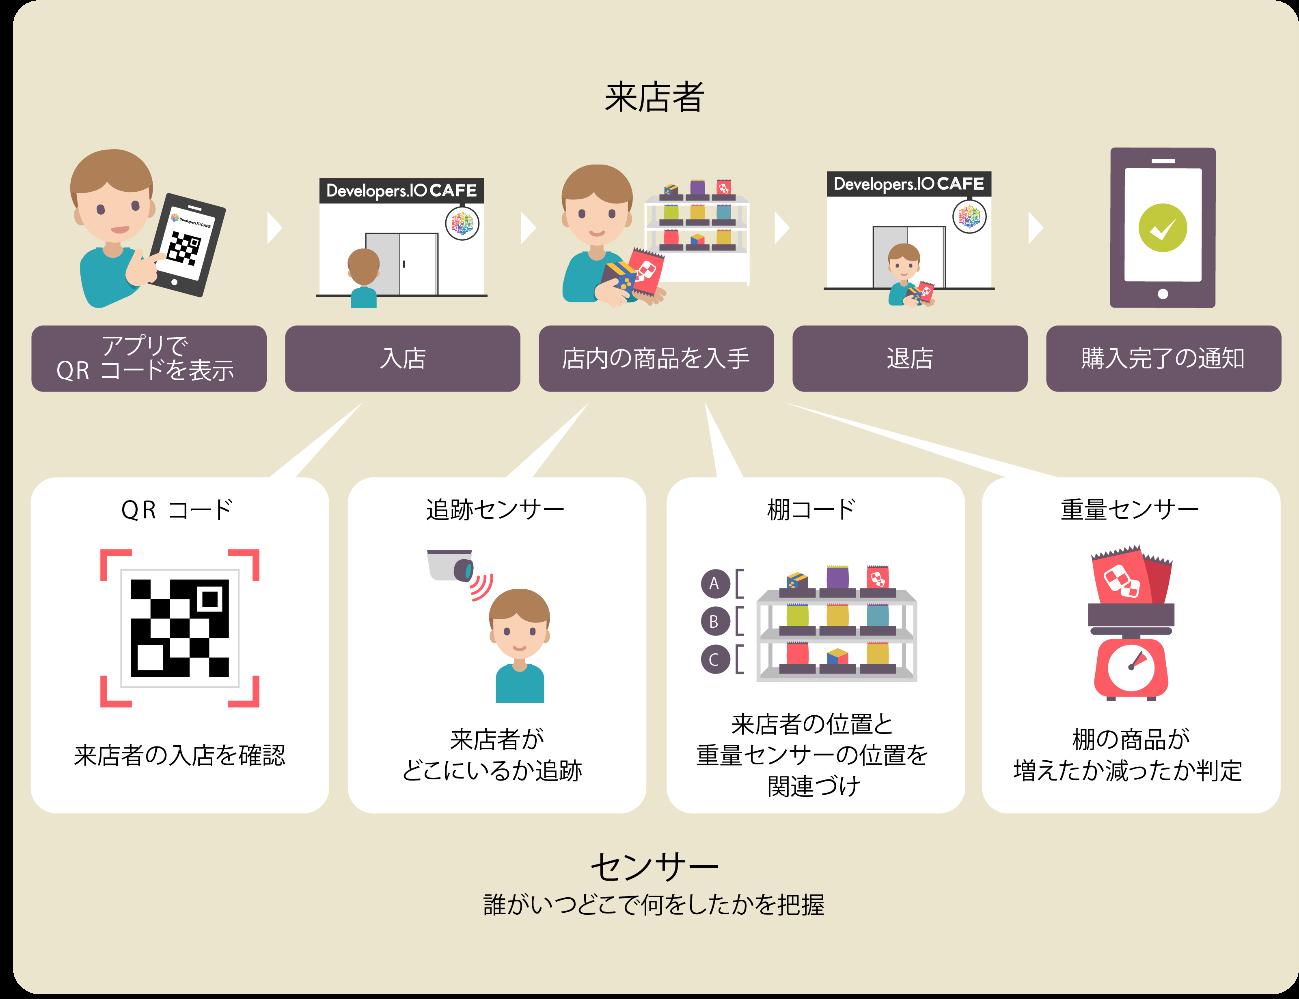 昭和女子大学×株式会社ダイエー 未来型『スマートストア』の実証実験を開始 -- 新しい買い物の形「ウォークスルー決済」実施 --